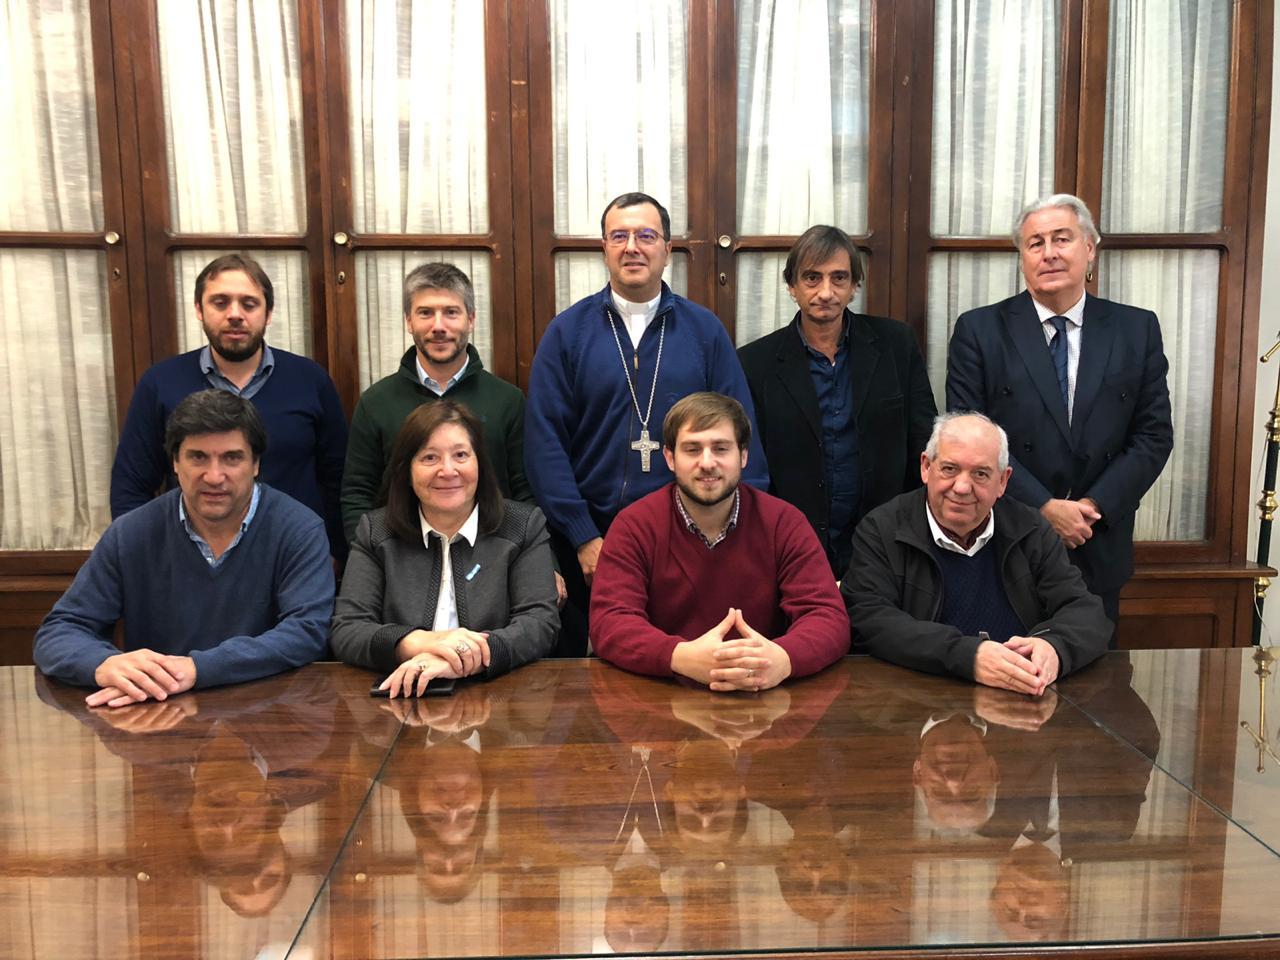 Consenso por Mar del Plata sigue promoviendo el diálogo